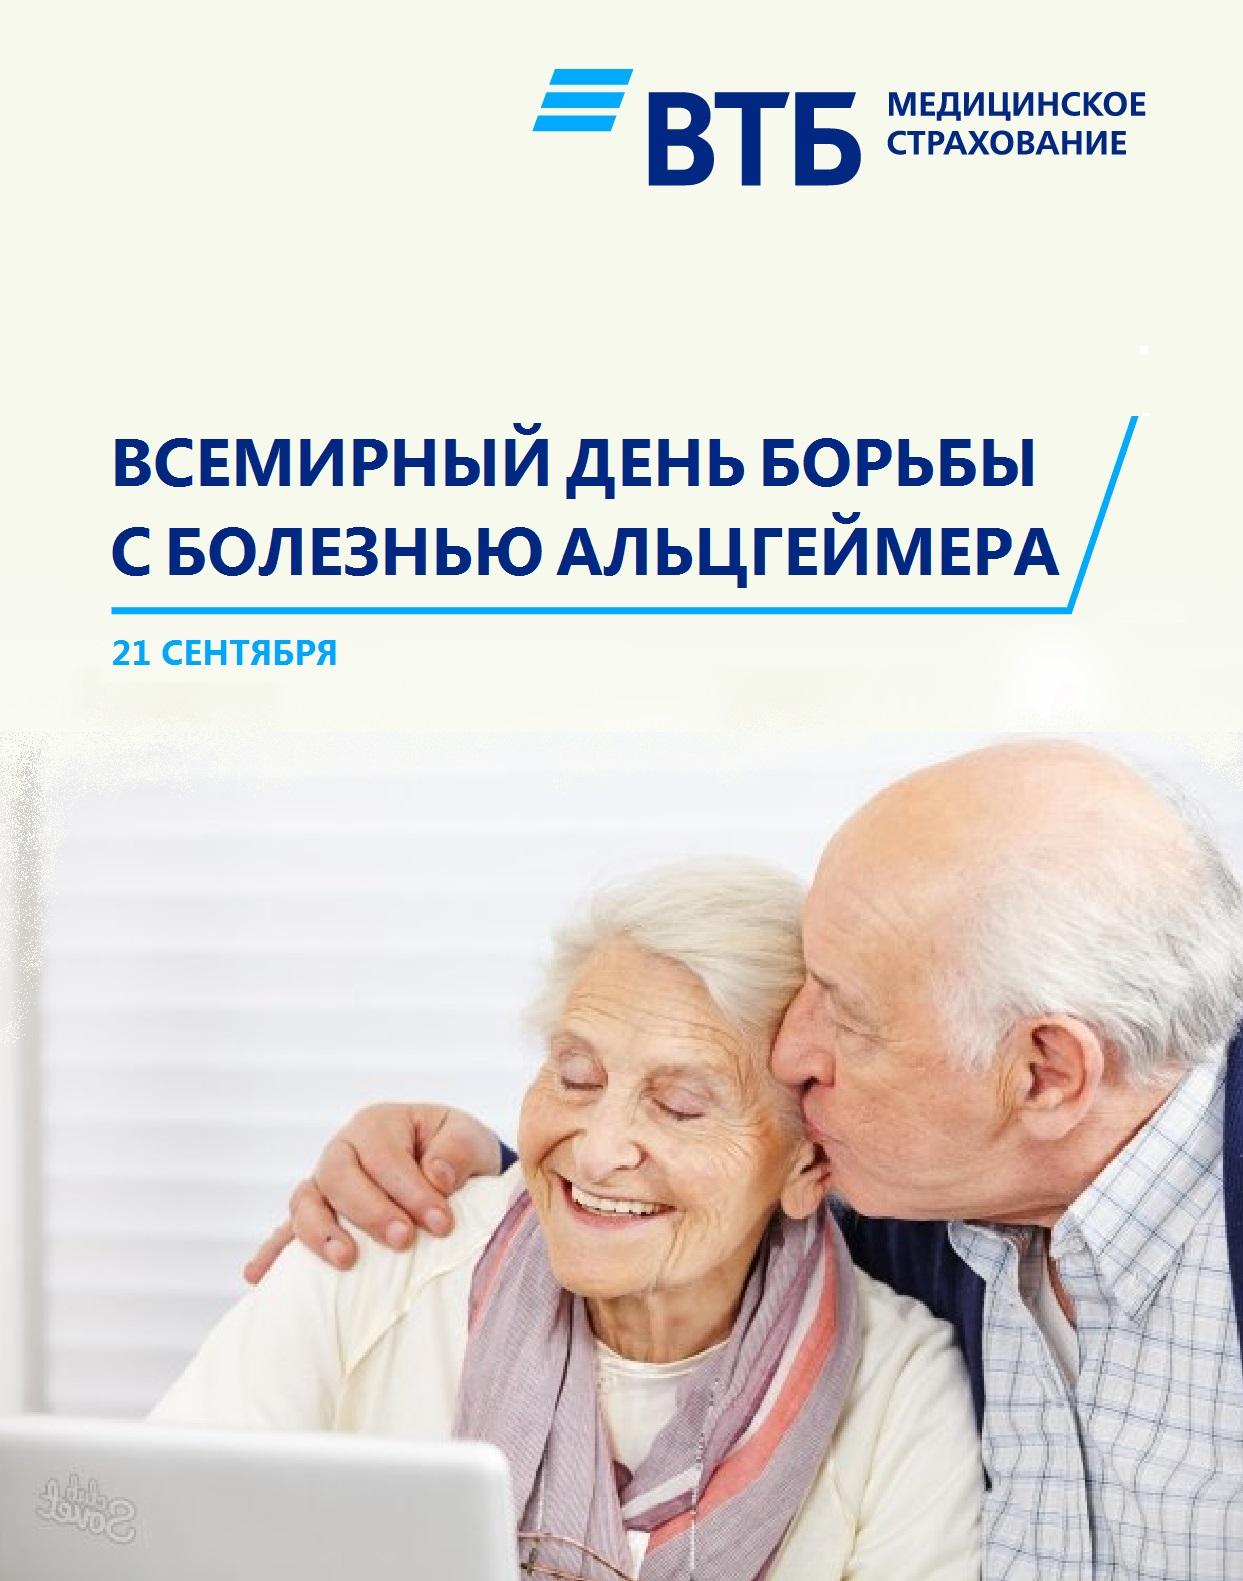 21 сентября — Всемирный день борьбы с болезнью Альцгеймера